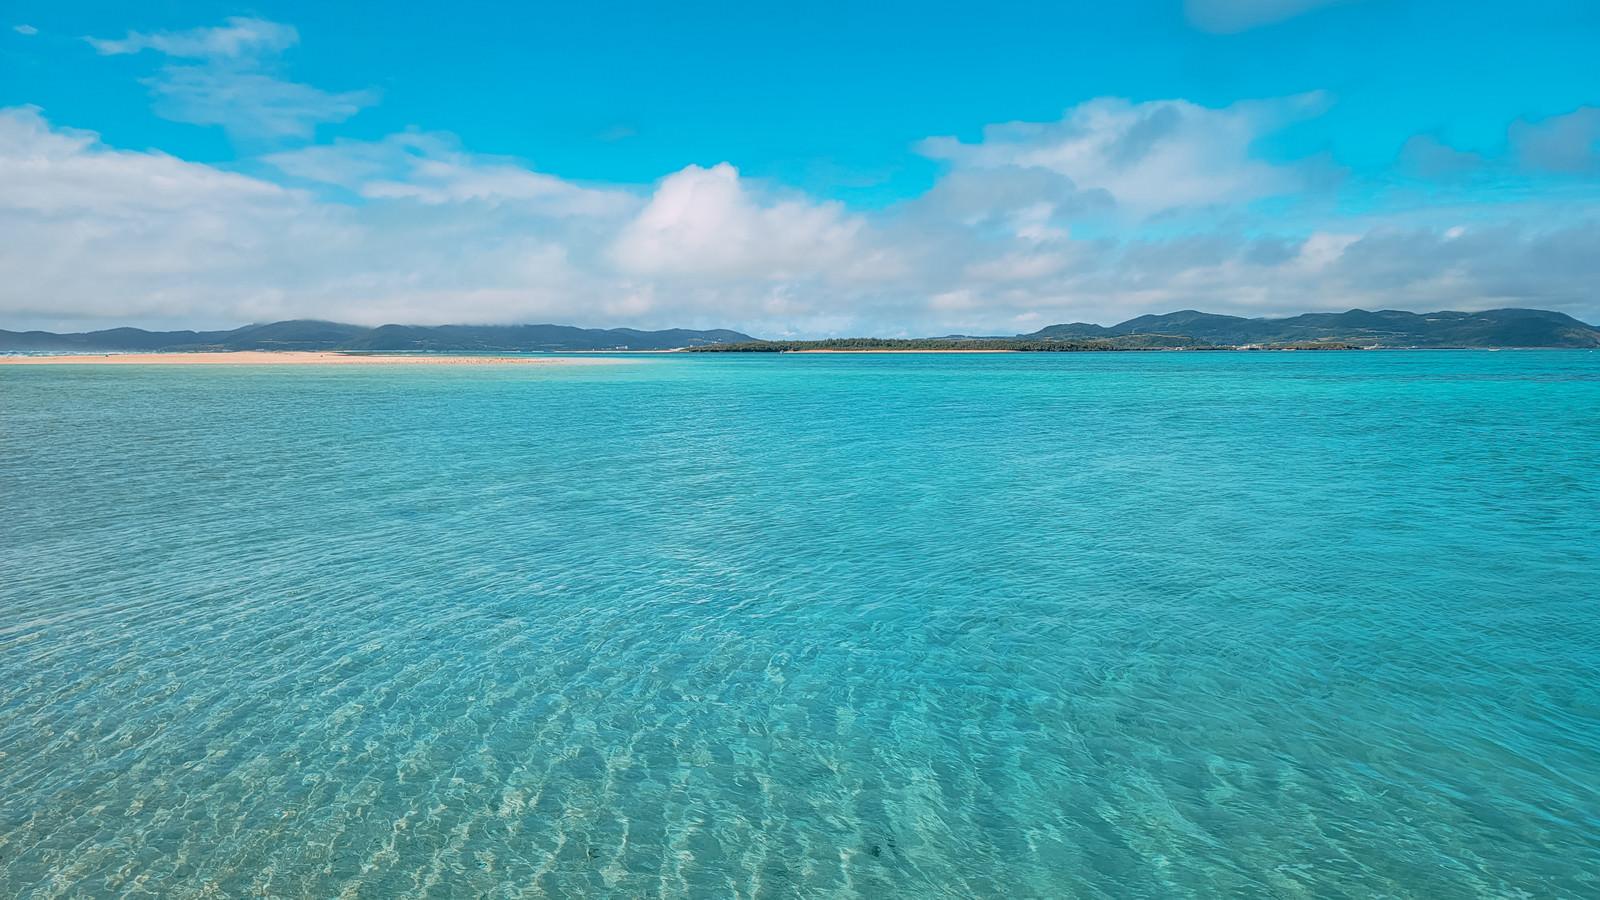 「どこまでも続く南国リゾートの透明度の高い海」の写真